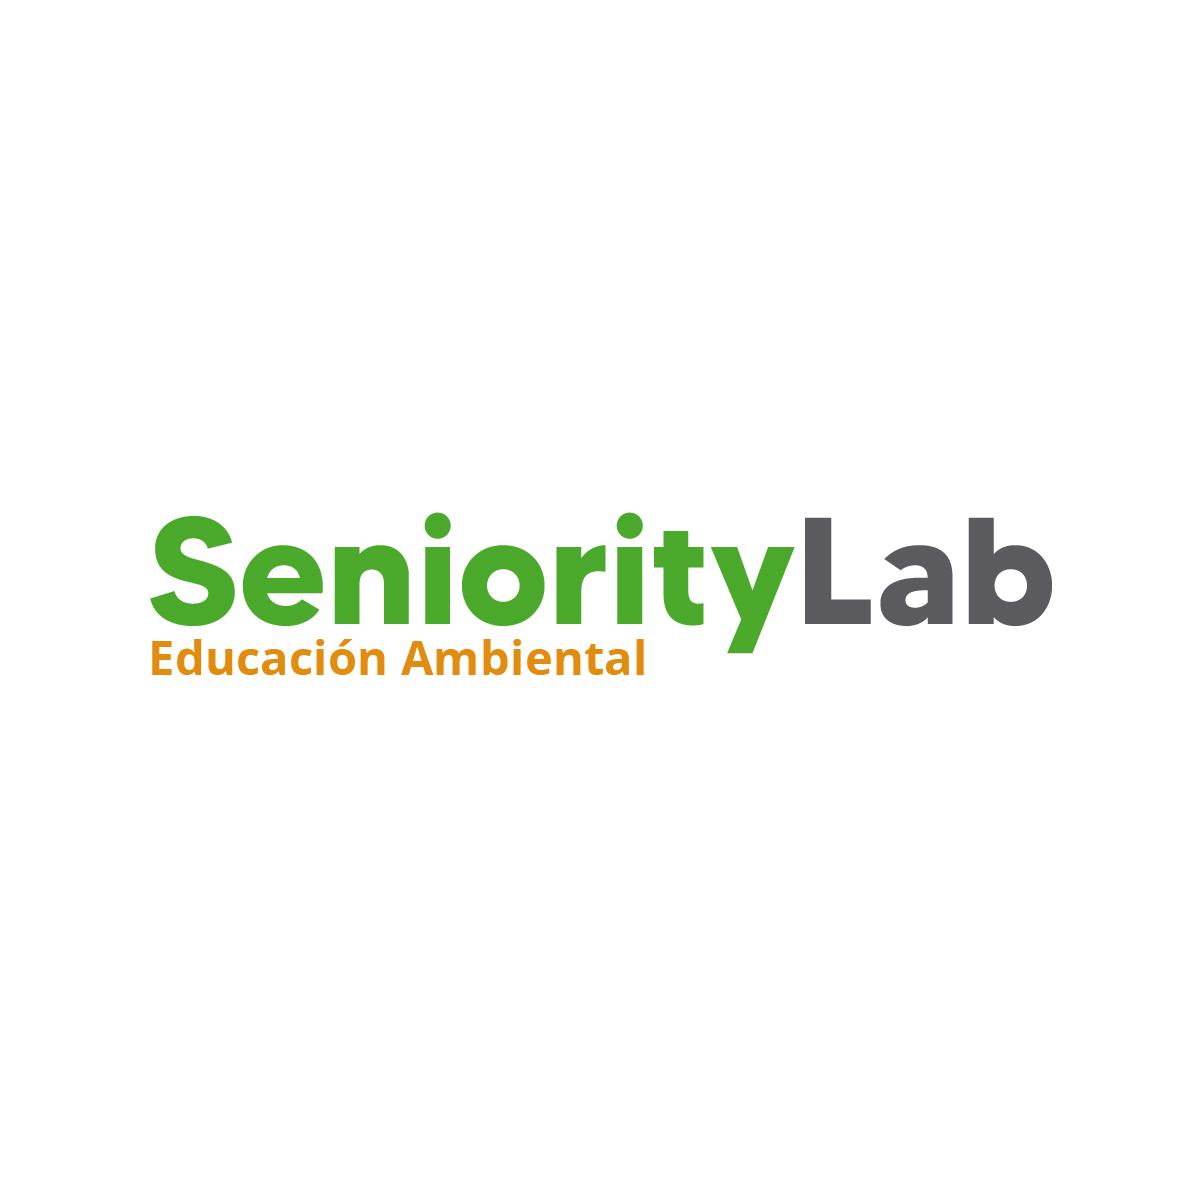 Logo de SENIORITYLAB